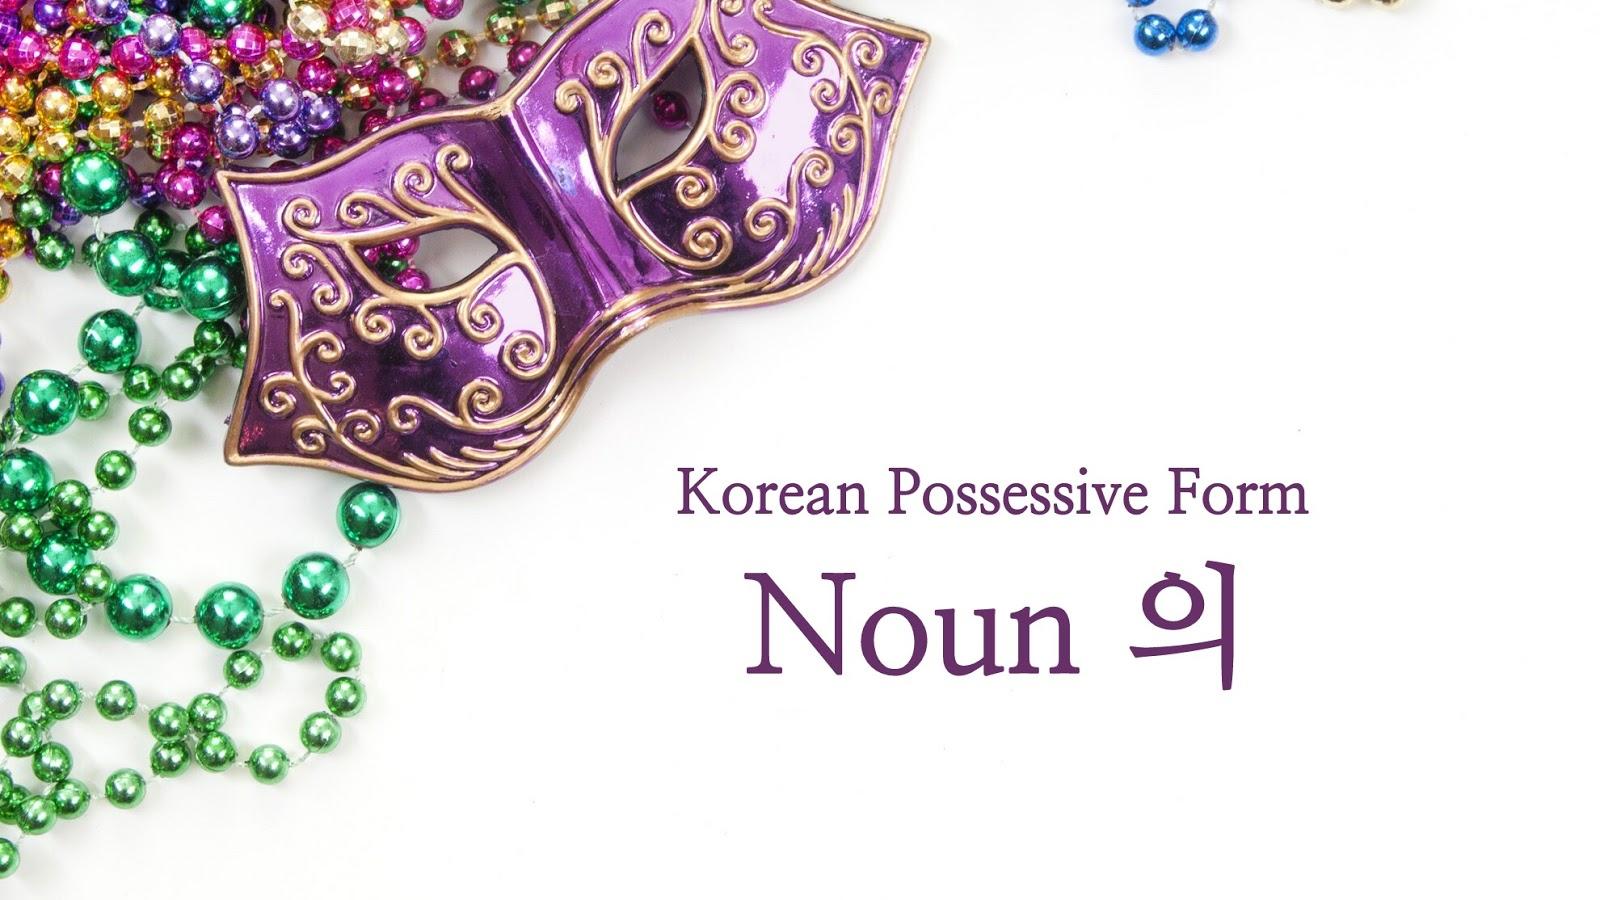 Possessive form in Korean